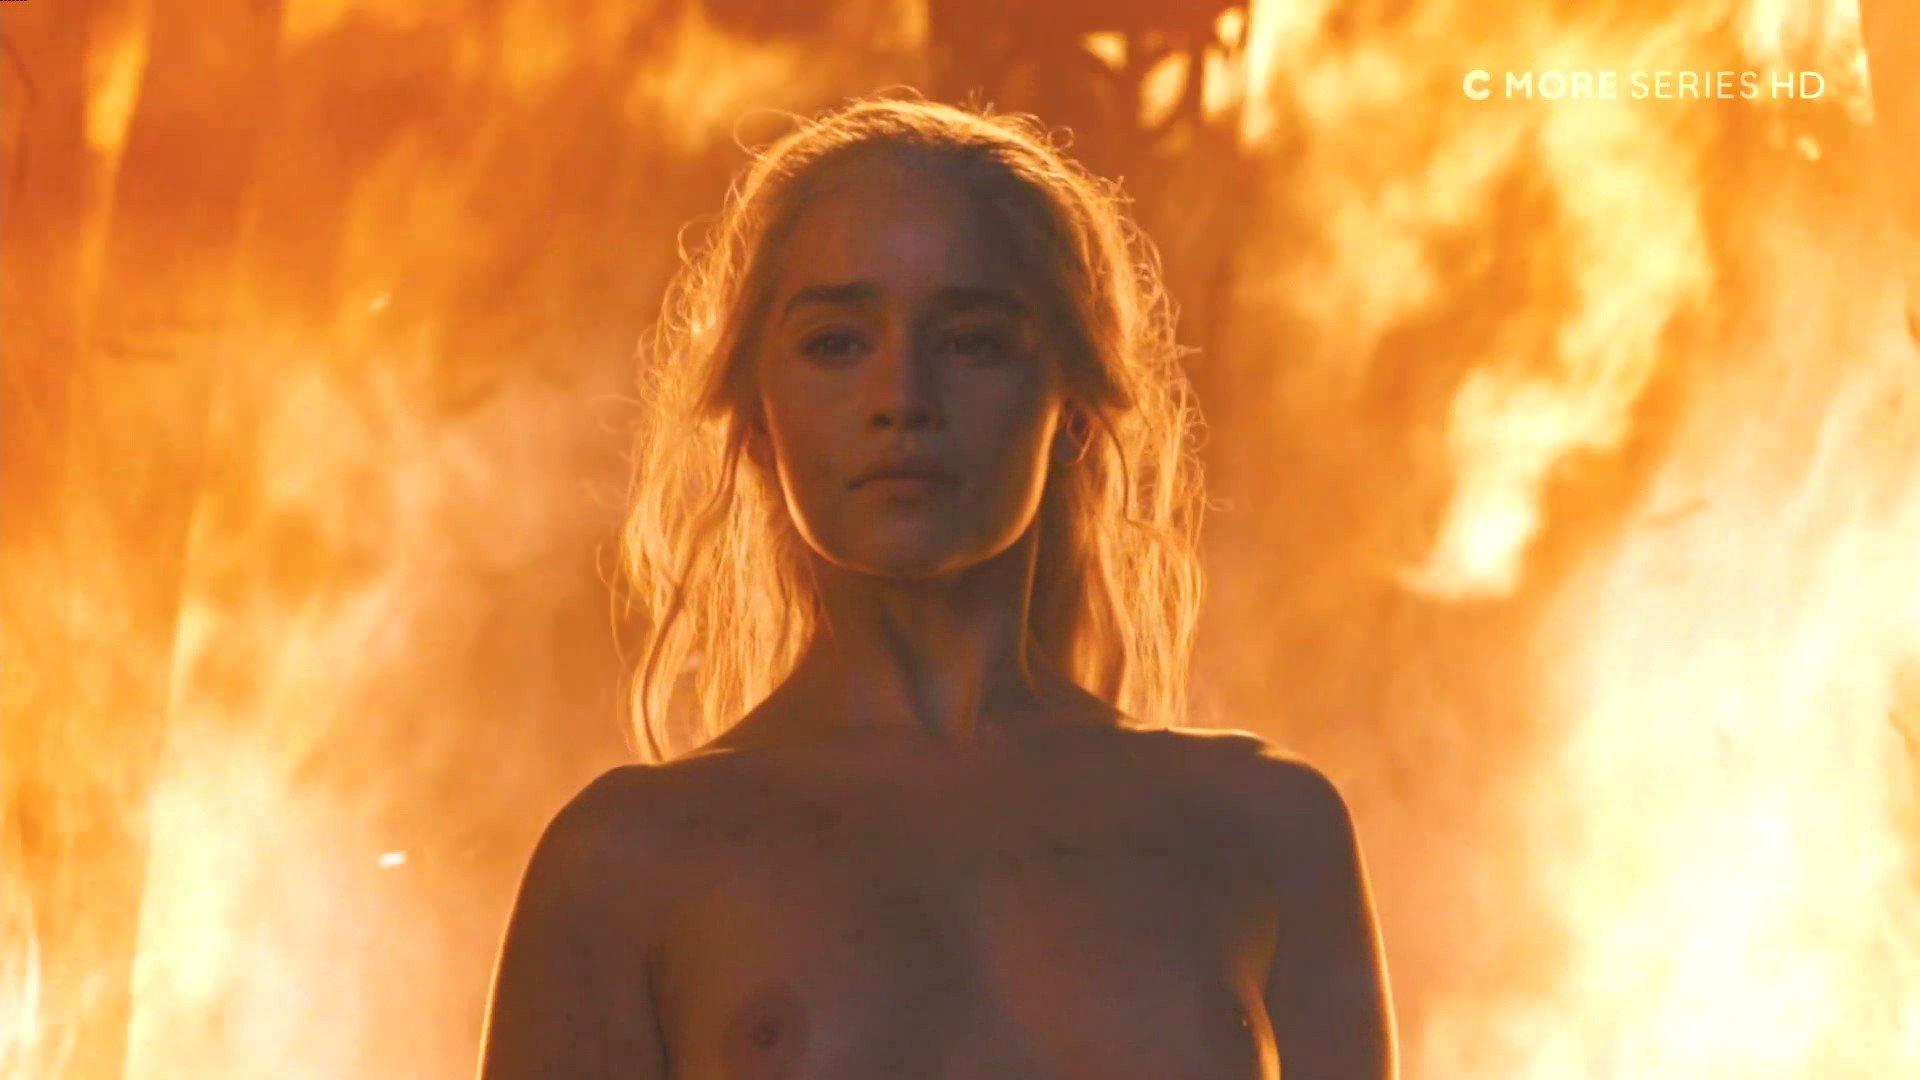 Emilia Clarke Nude Hd